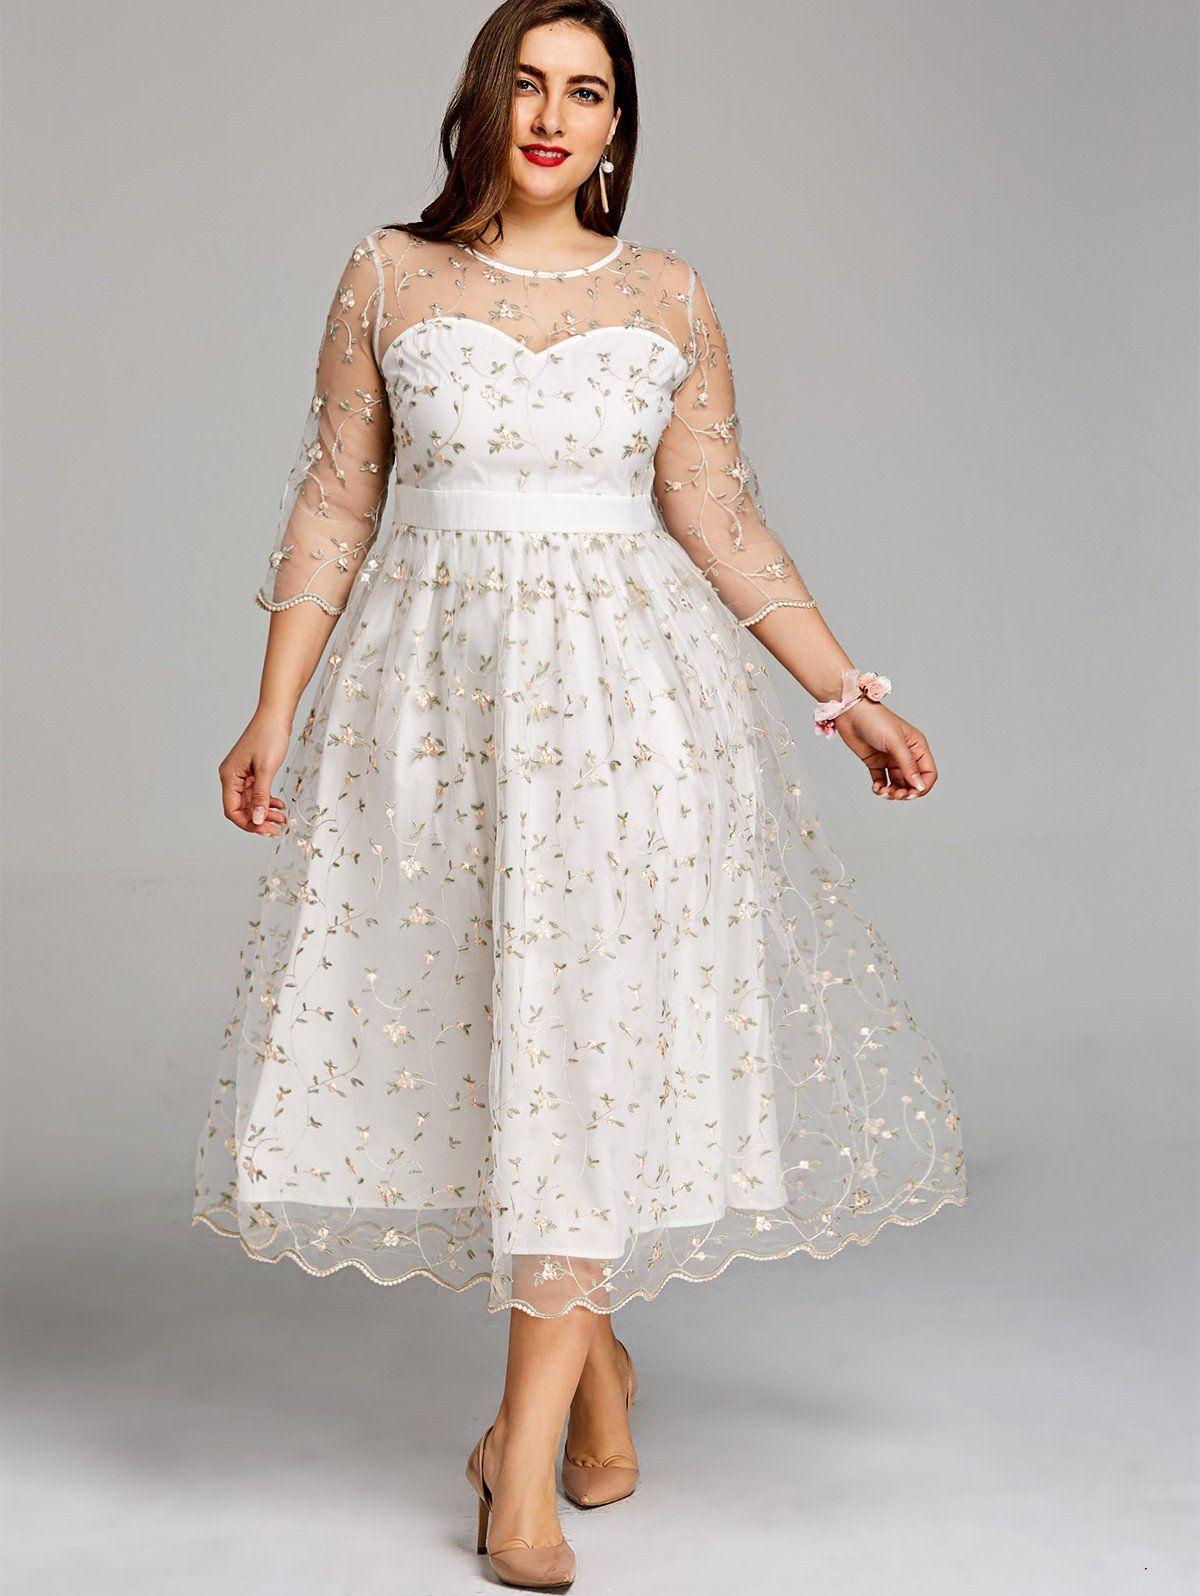 Plus Size Embroidery Dress Plus Size Party Dresses Tea Length Dresses Midi Dress Party [ 1596 x 1200 Pixel ]